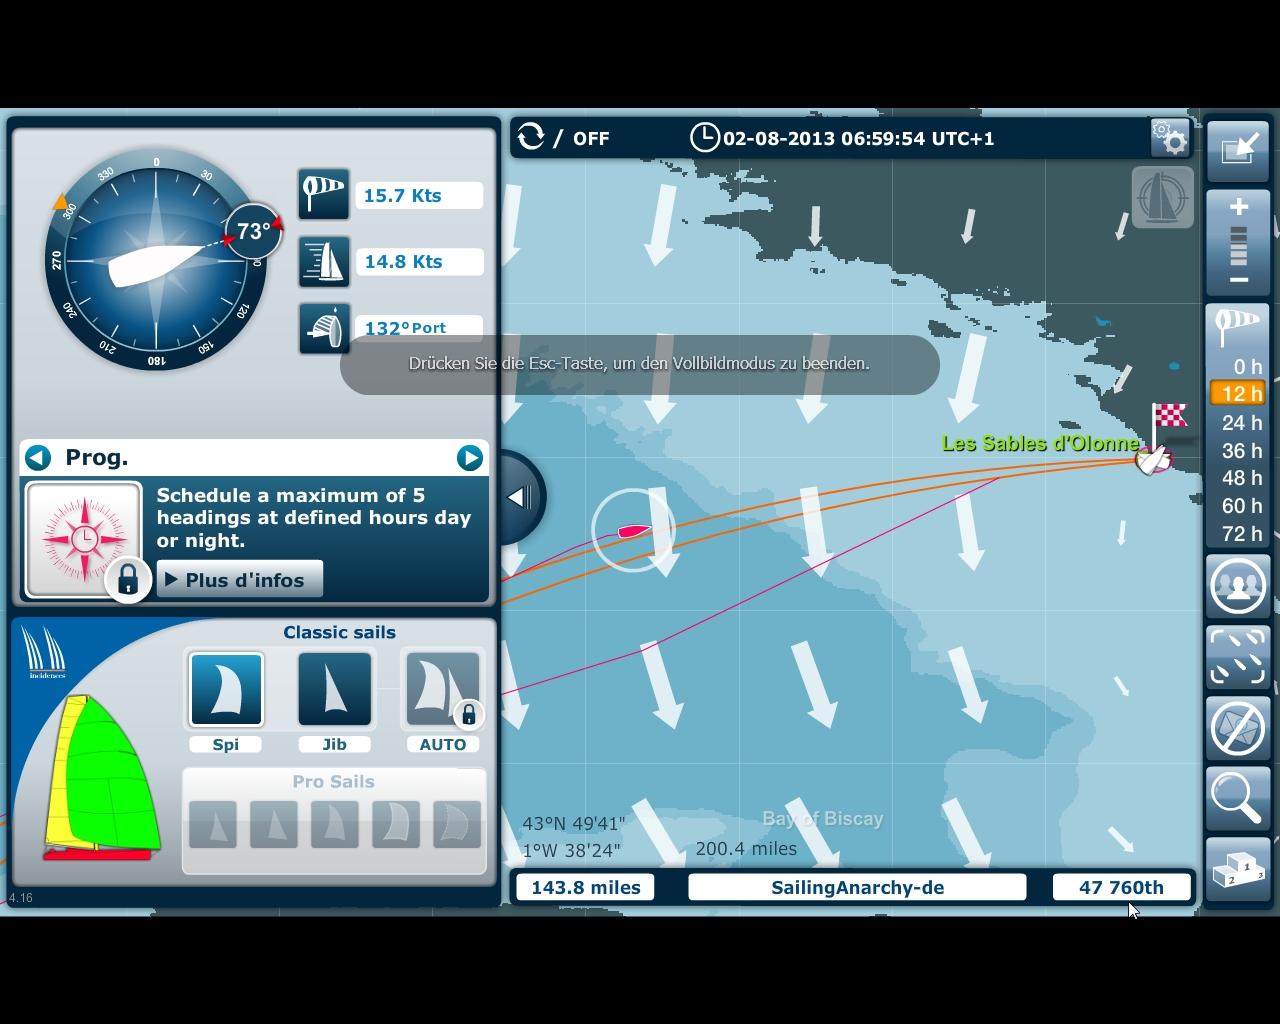 VG - Virtuelles Rennen - Die letzten 12 Stunden